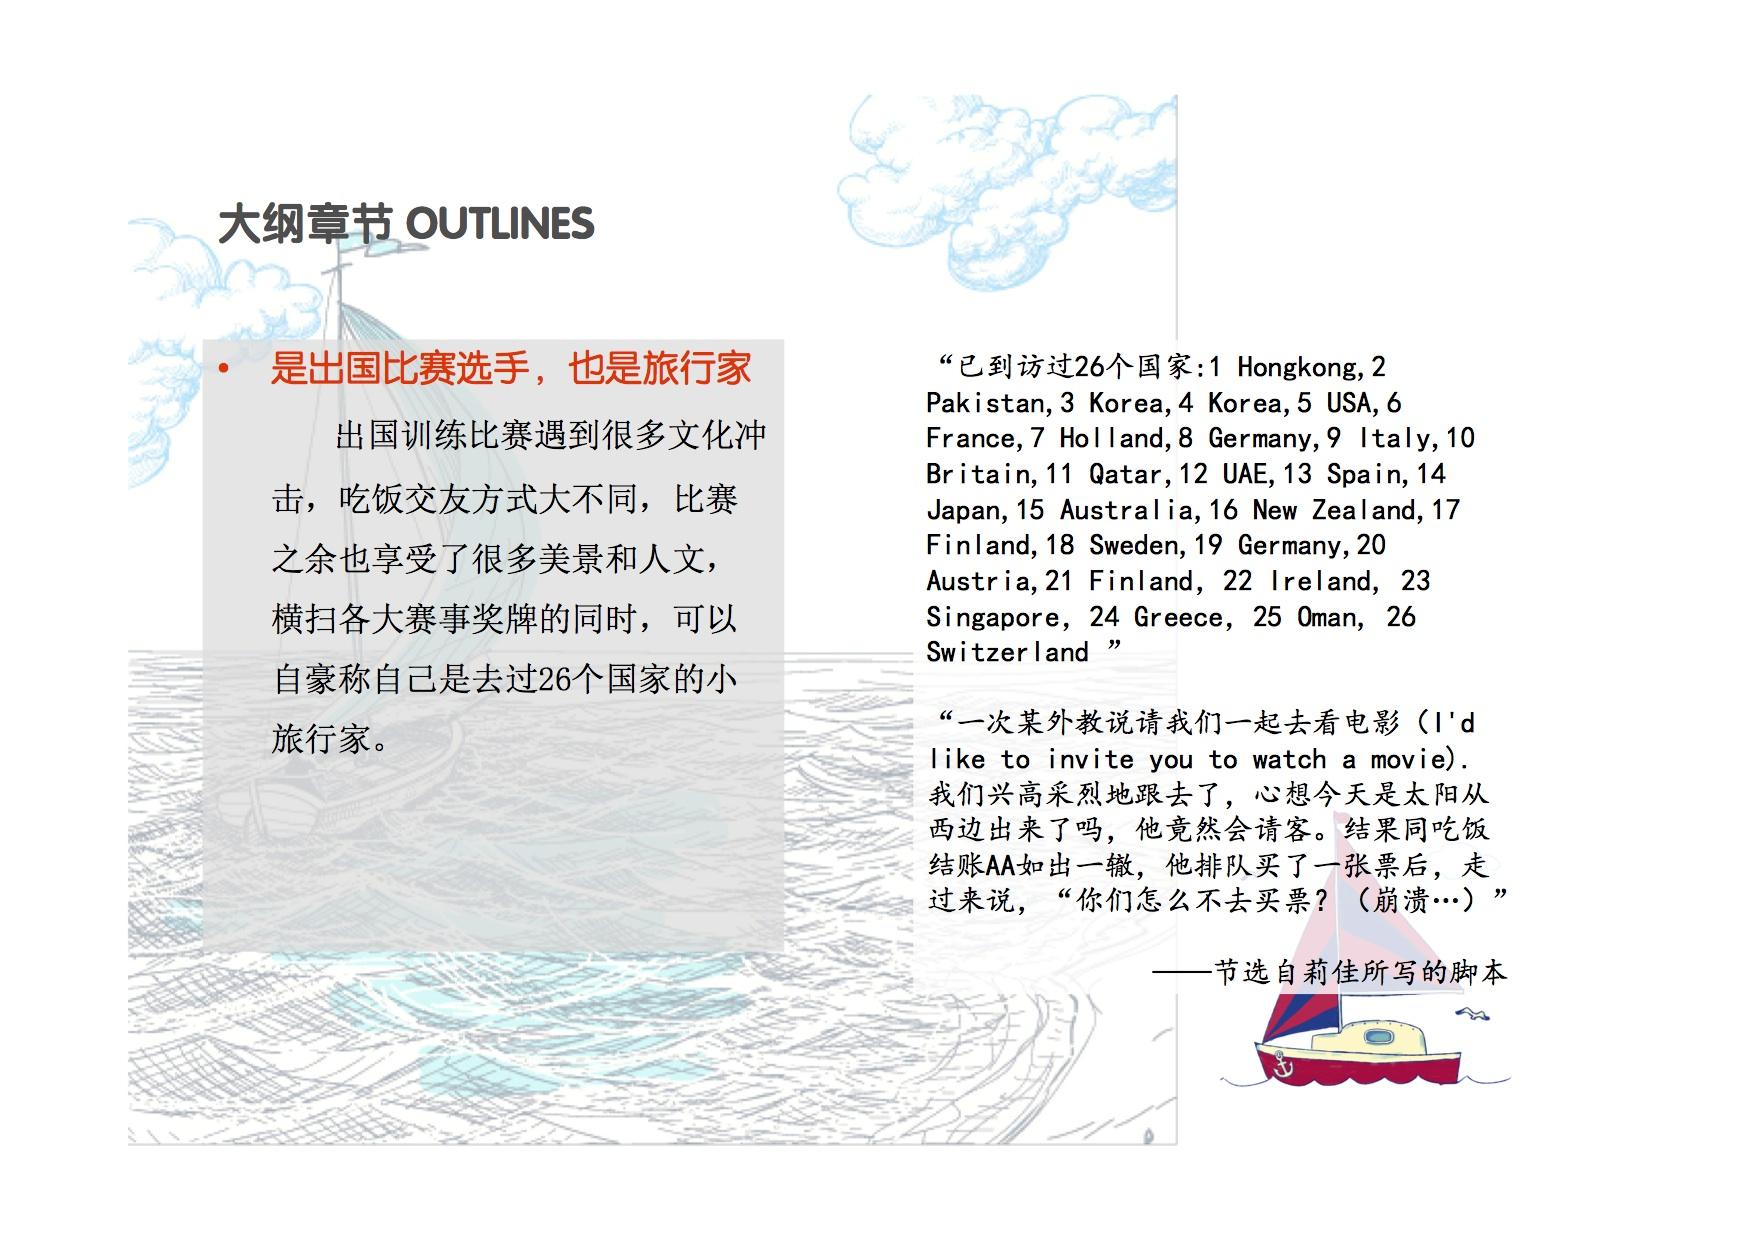 徐莉佳,帆船 一起来支持徐莉佳帆船漫画系列书 绘本帆船创作企划案8.jpg